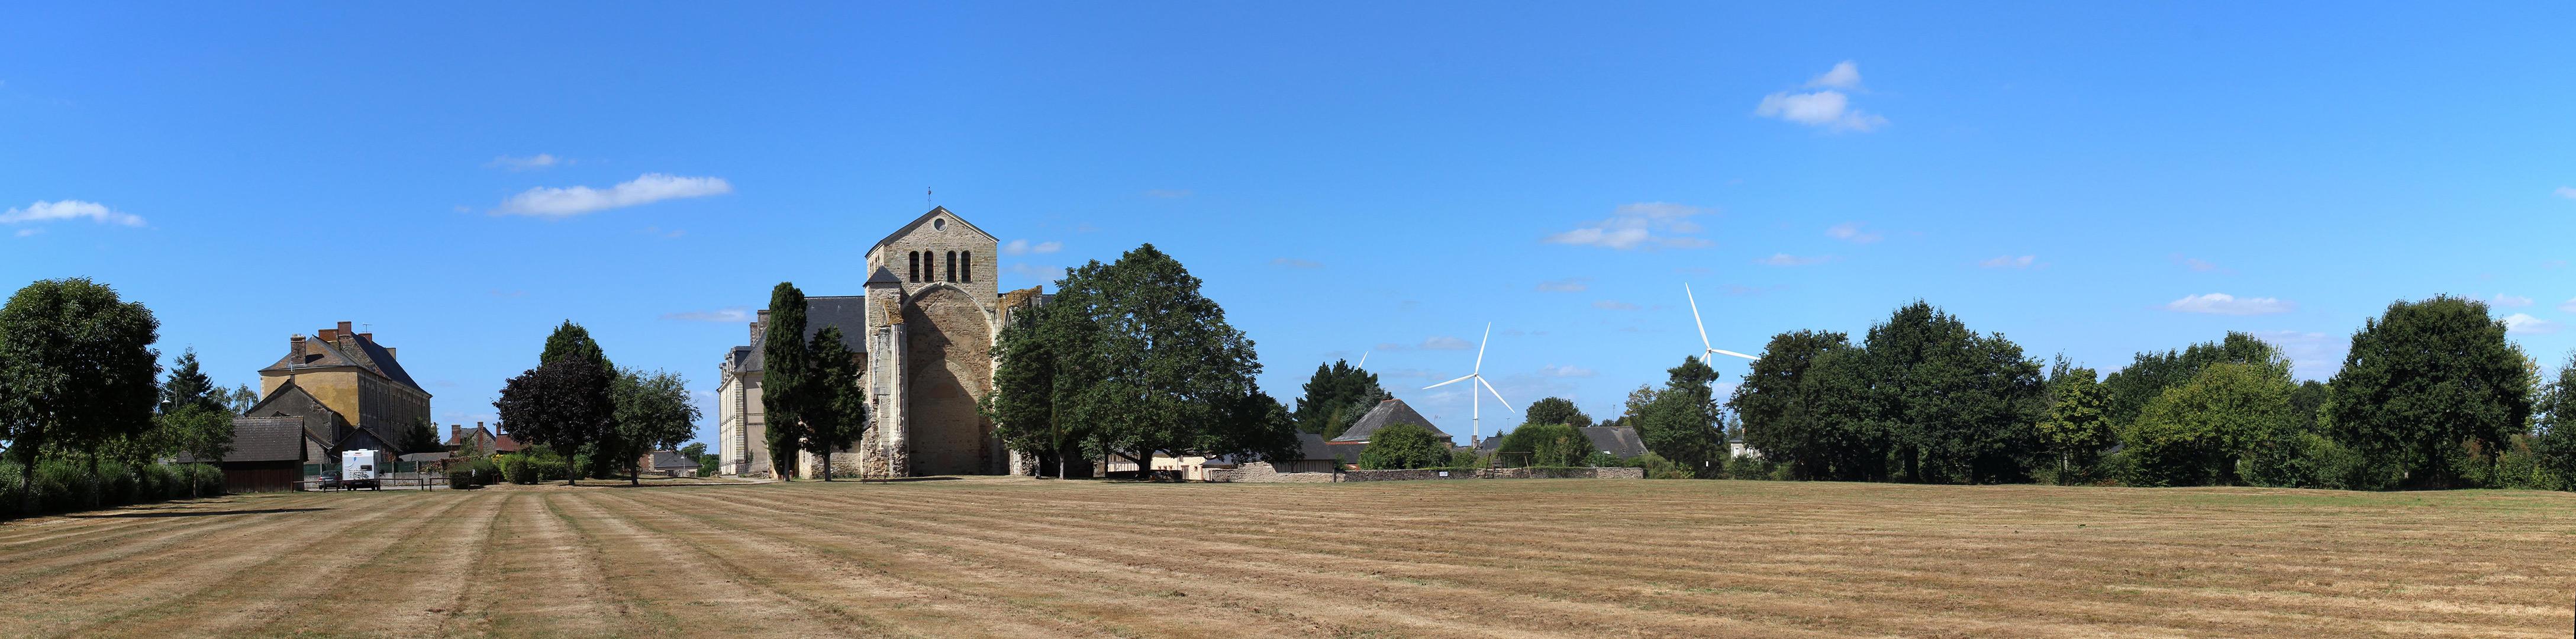 L'insertion paysagère du parc éolien